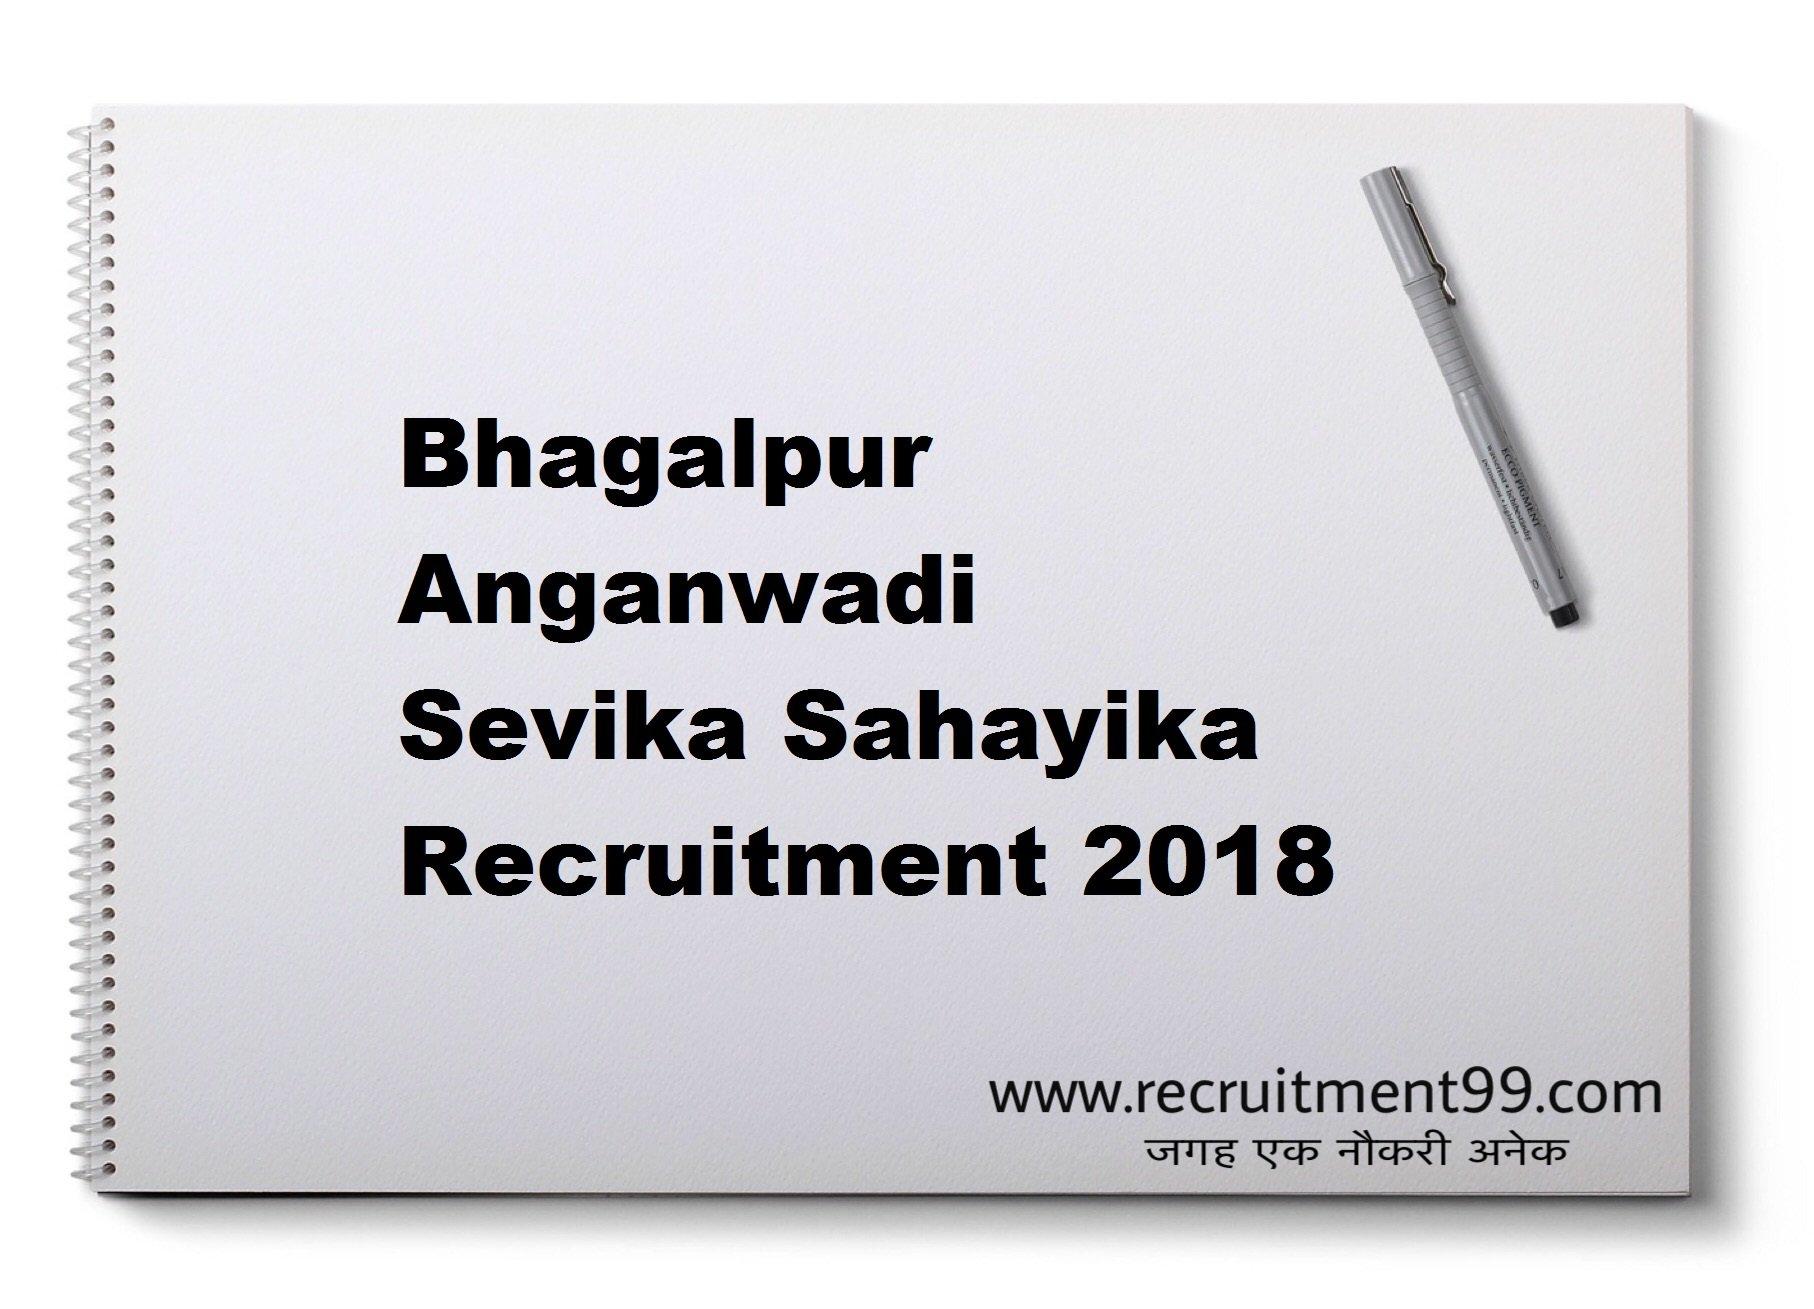 Bhagalpur Anganwadi Sevika Sahayika Recruitment Admit Card Result 2018